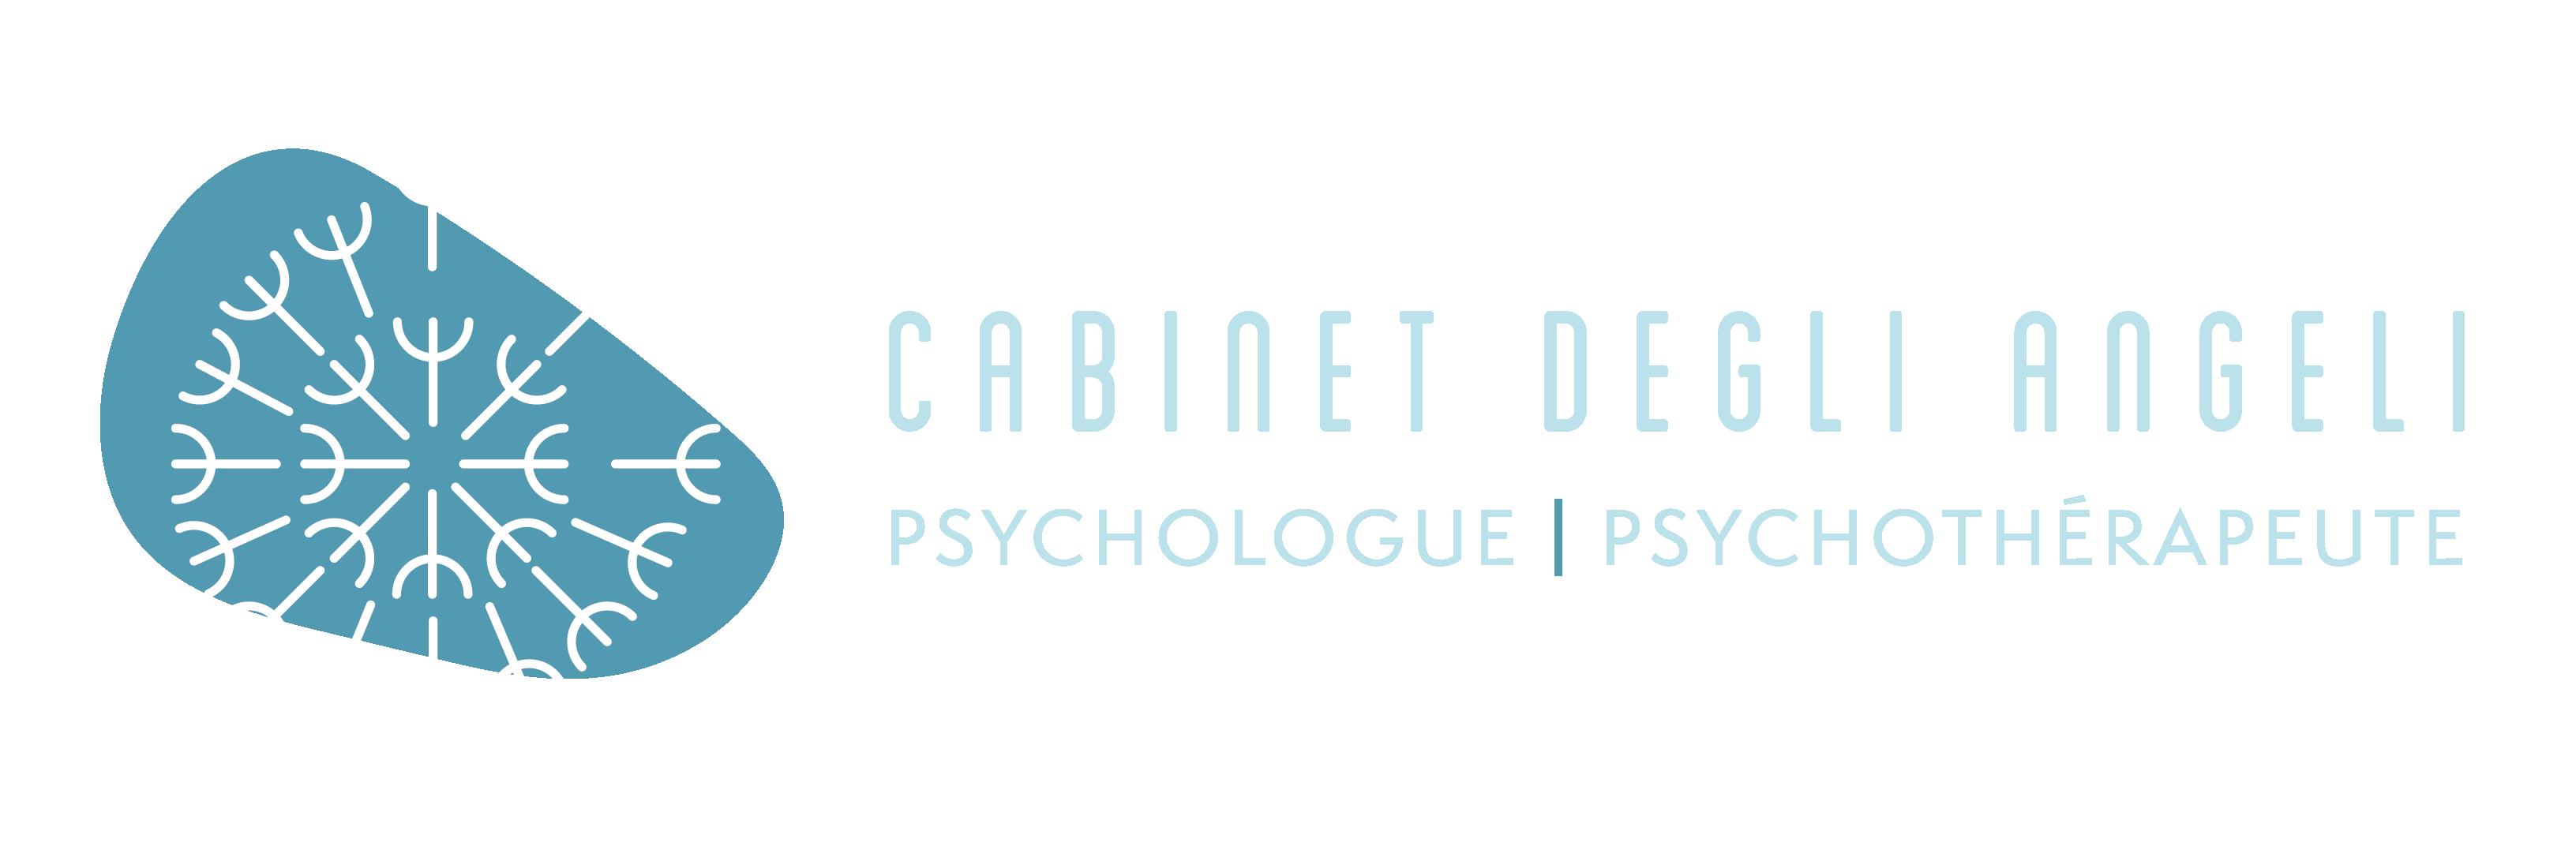 Cabinet Degli Angeli